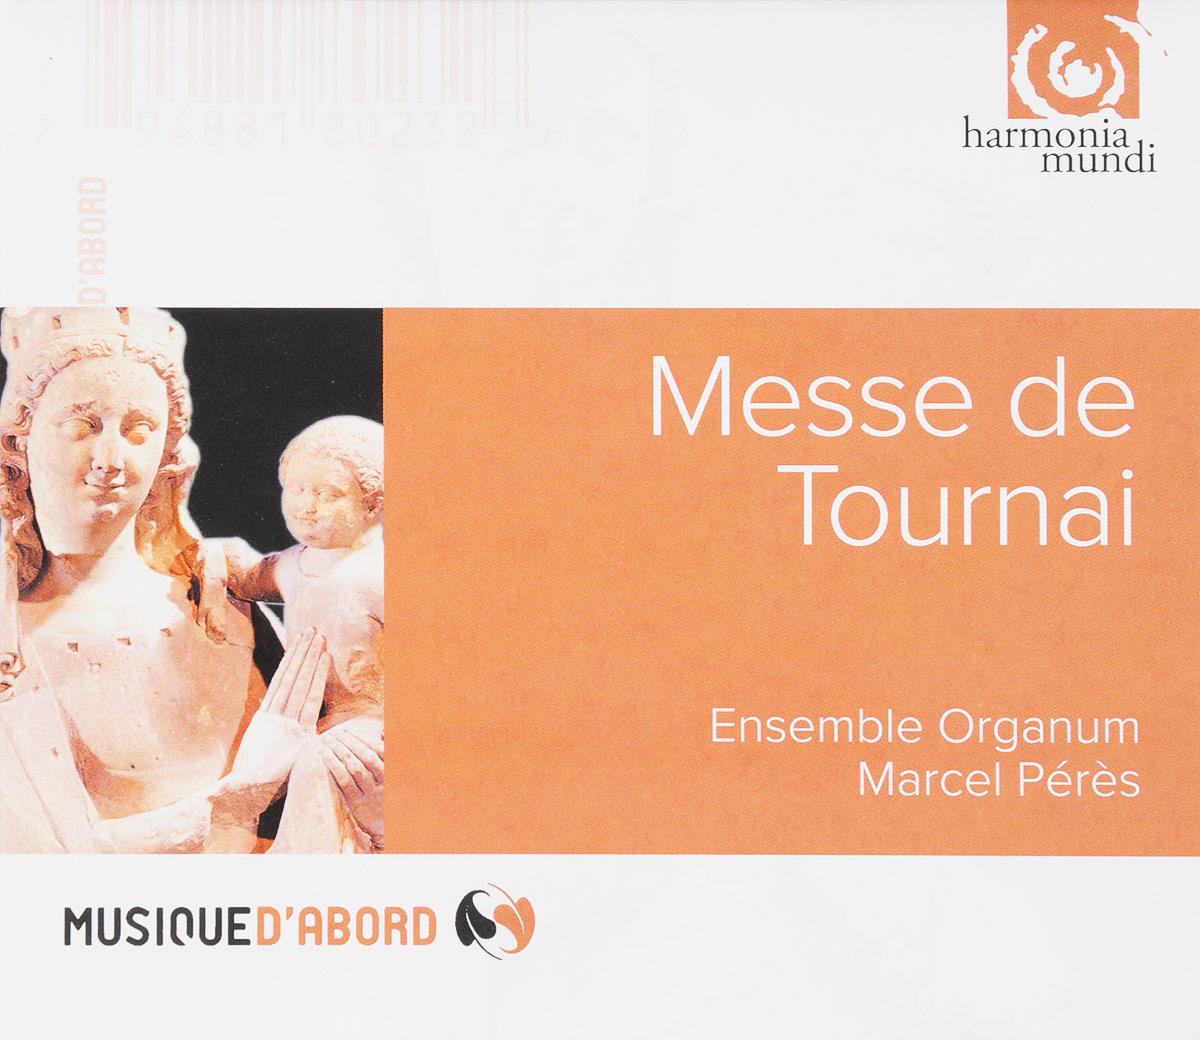 Исполнитель: VARIOUSАльбом: MESSE DE TOURNAI/ENSEMBLE ORGANUM/MARCEL PERESПроизводитель: HMA - NEW DIGIPACK SERIES